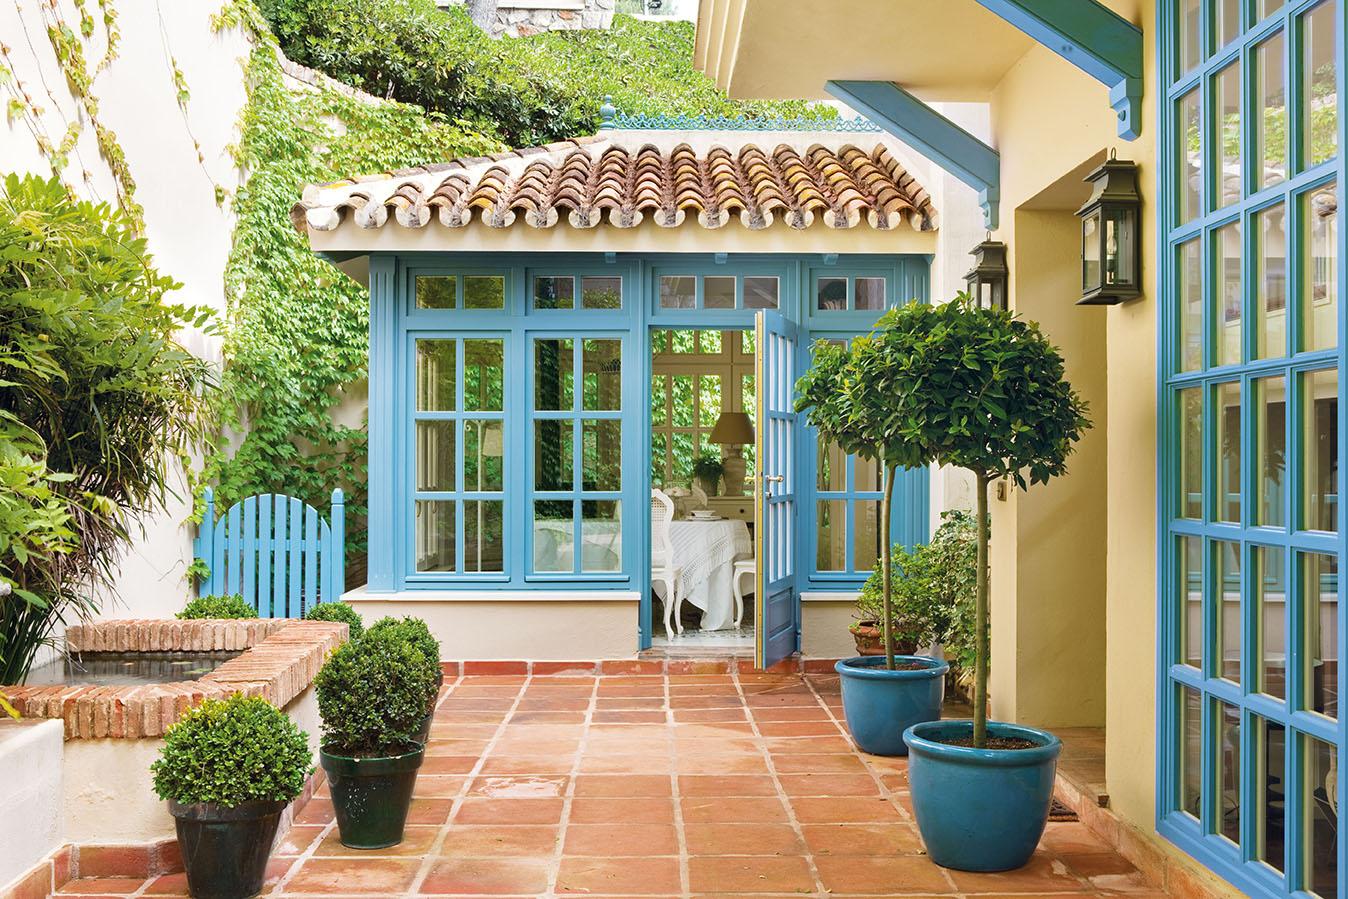 00320816. Comedor situado en el pabellón del jardín que conecta con la casa por el interior_00320816